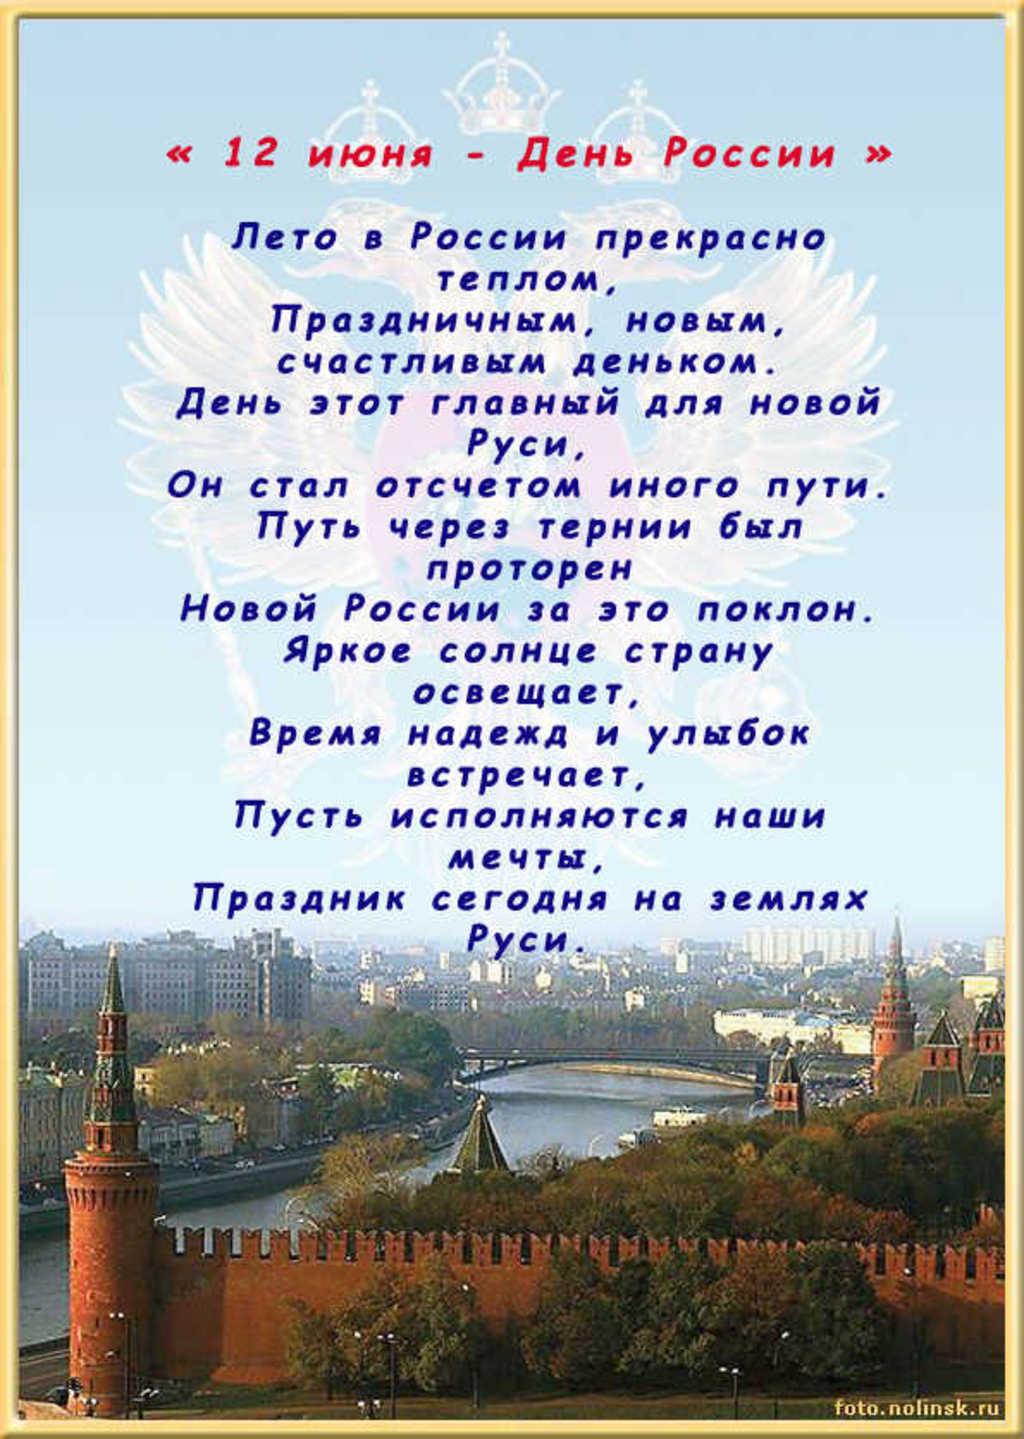 Поздравления на День России 2018 в 92